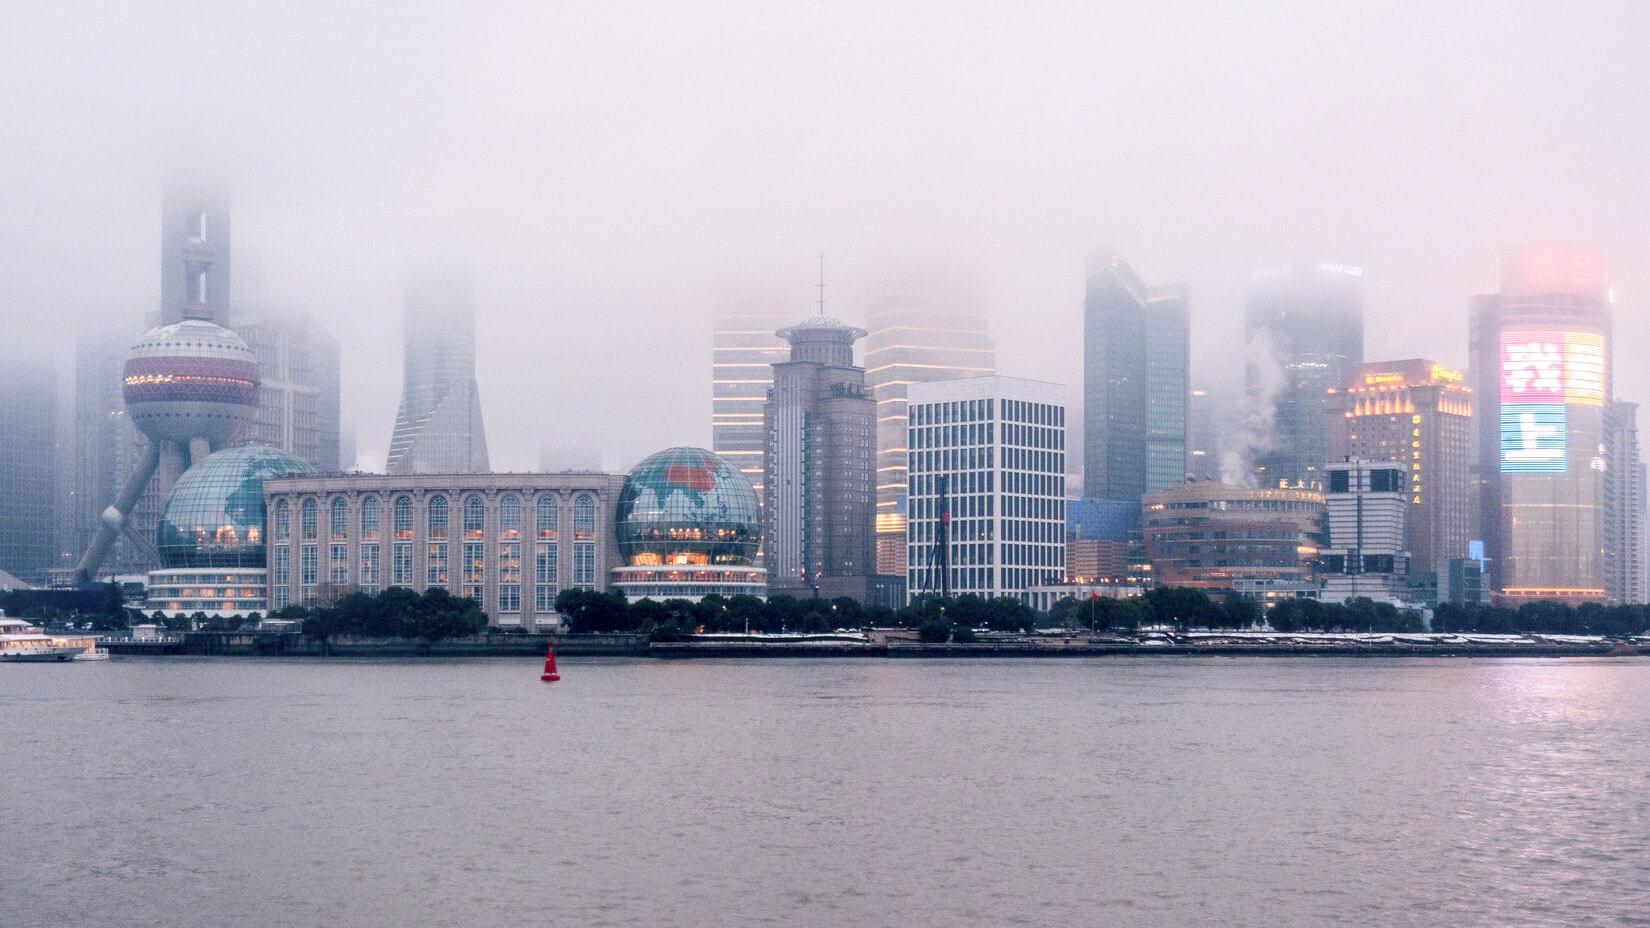 Shanghai Office